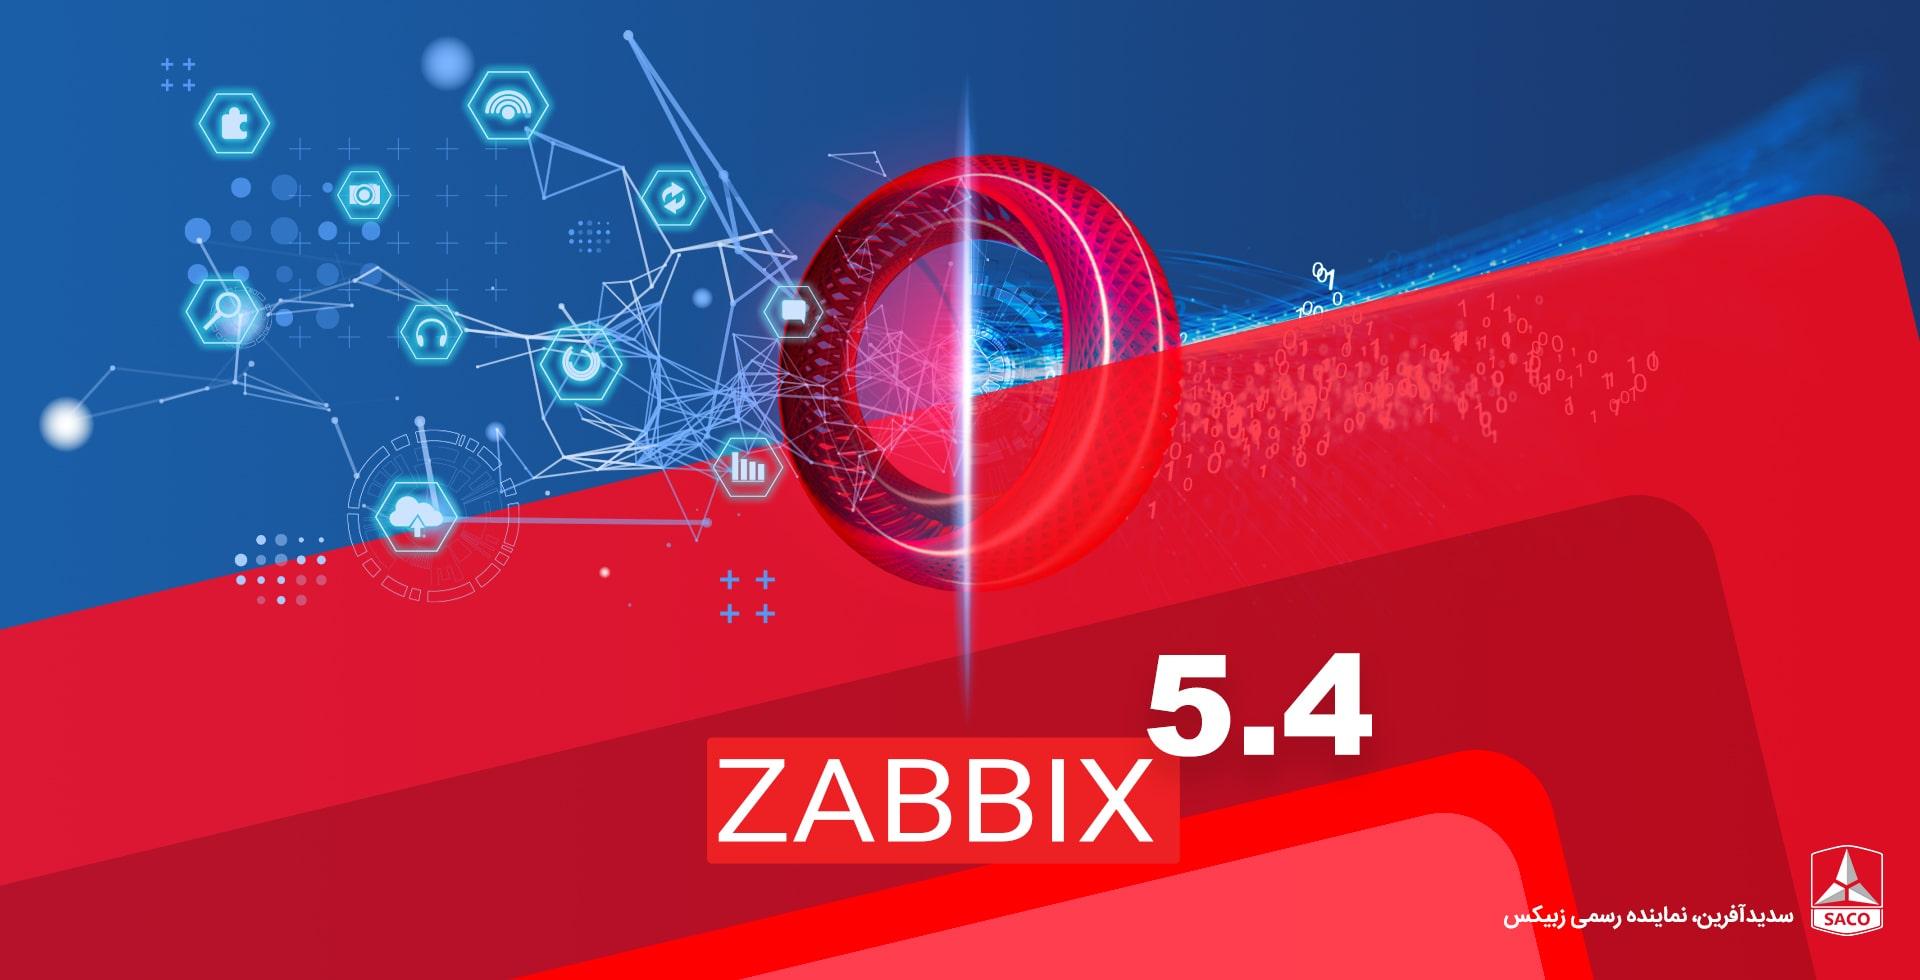 بررسی نسخه ۵.۴ زبیکس؛ این نسخه چه ویژگیها و قابلیتهایی را به نرم افزار اضافه کرده است؟